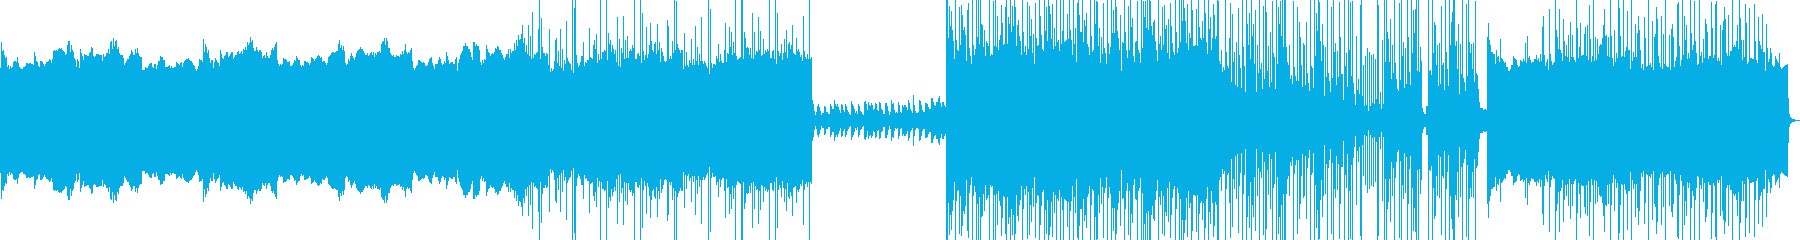 エレクトロニューエイジインストゥル...の再生済みの波形